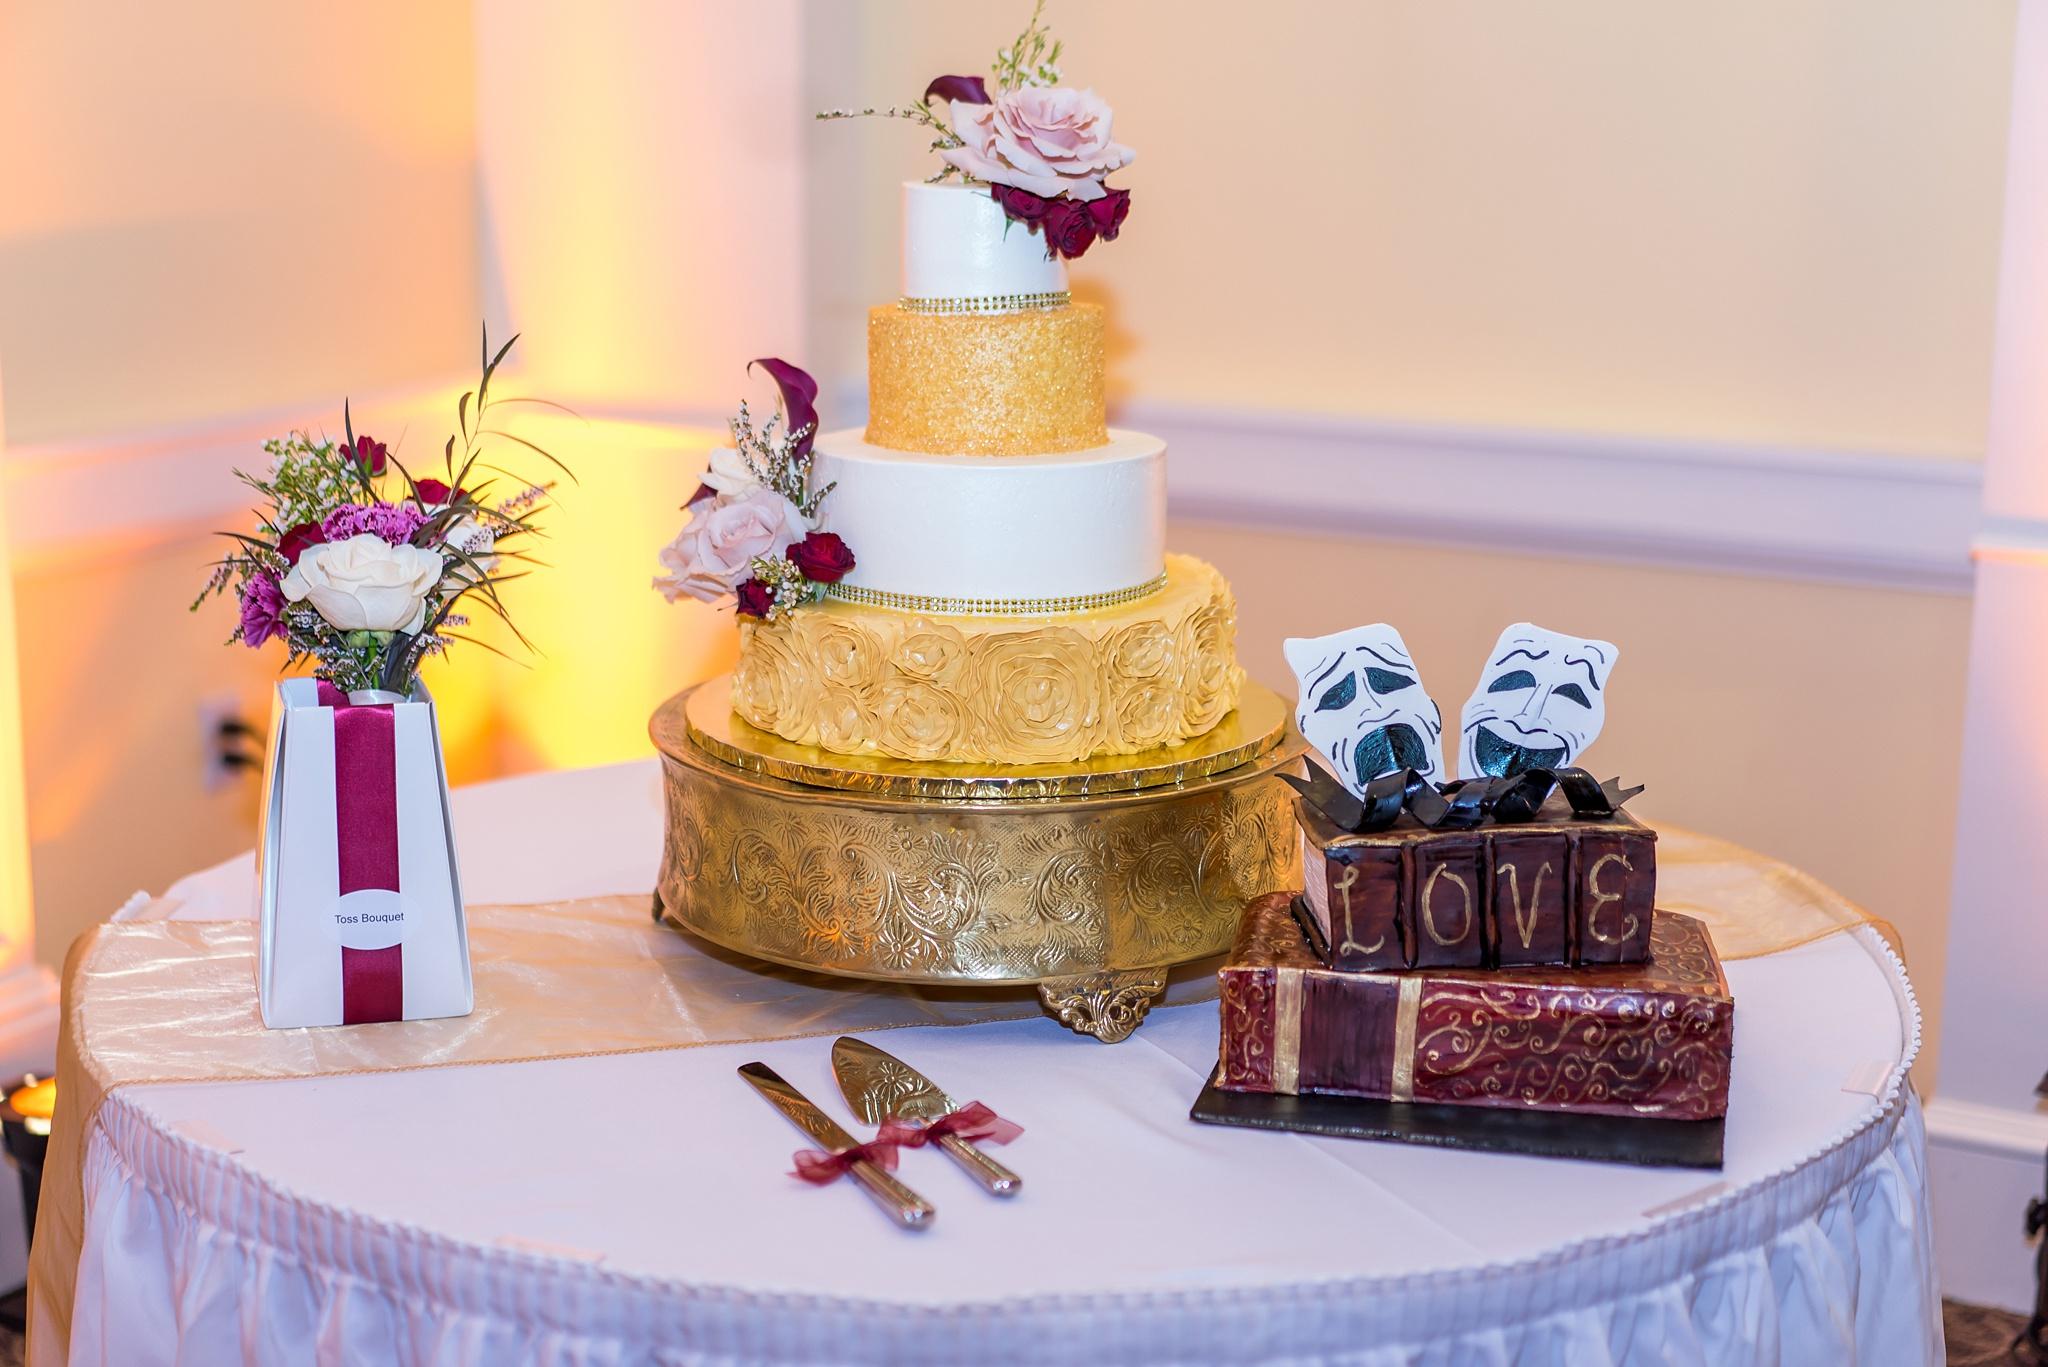 TommyandAmanda_WEDDING_BrienneMichelle_Details_83_BLOG.jpg